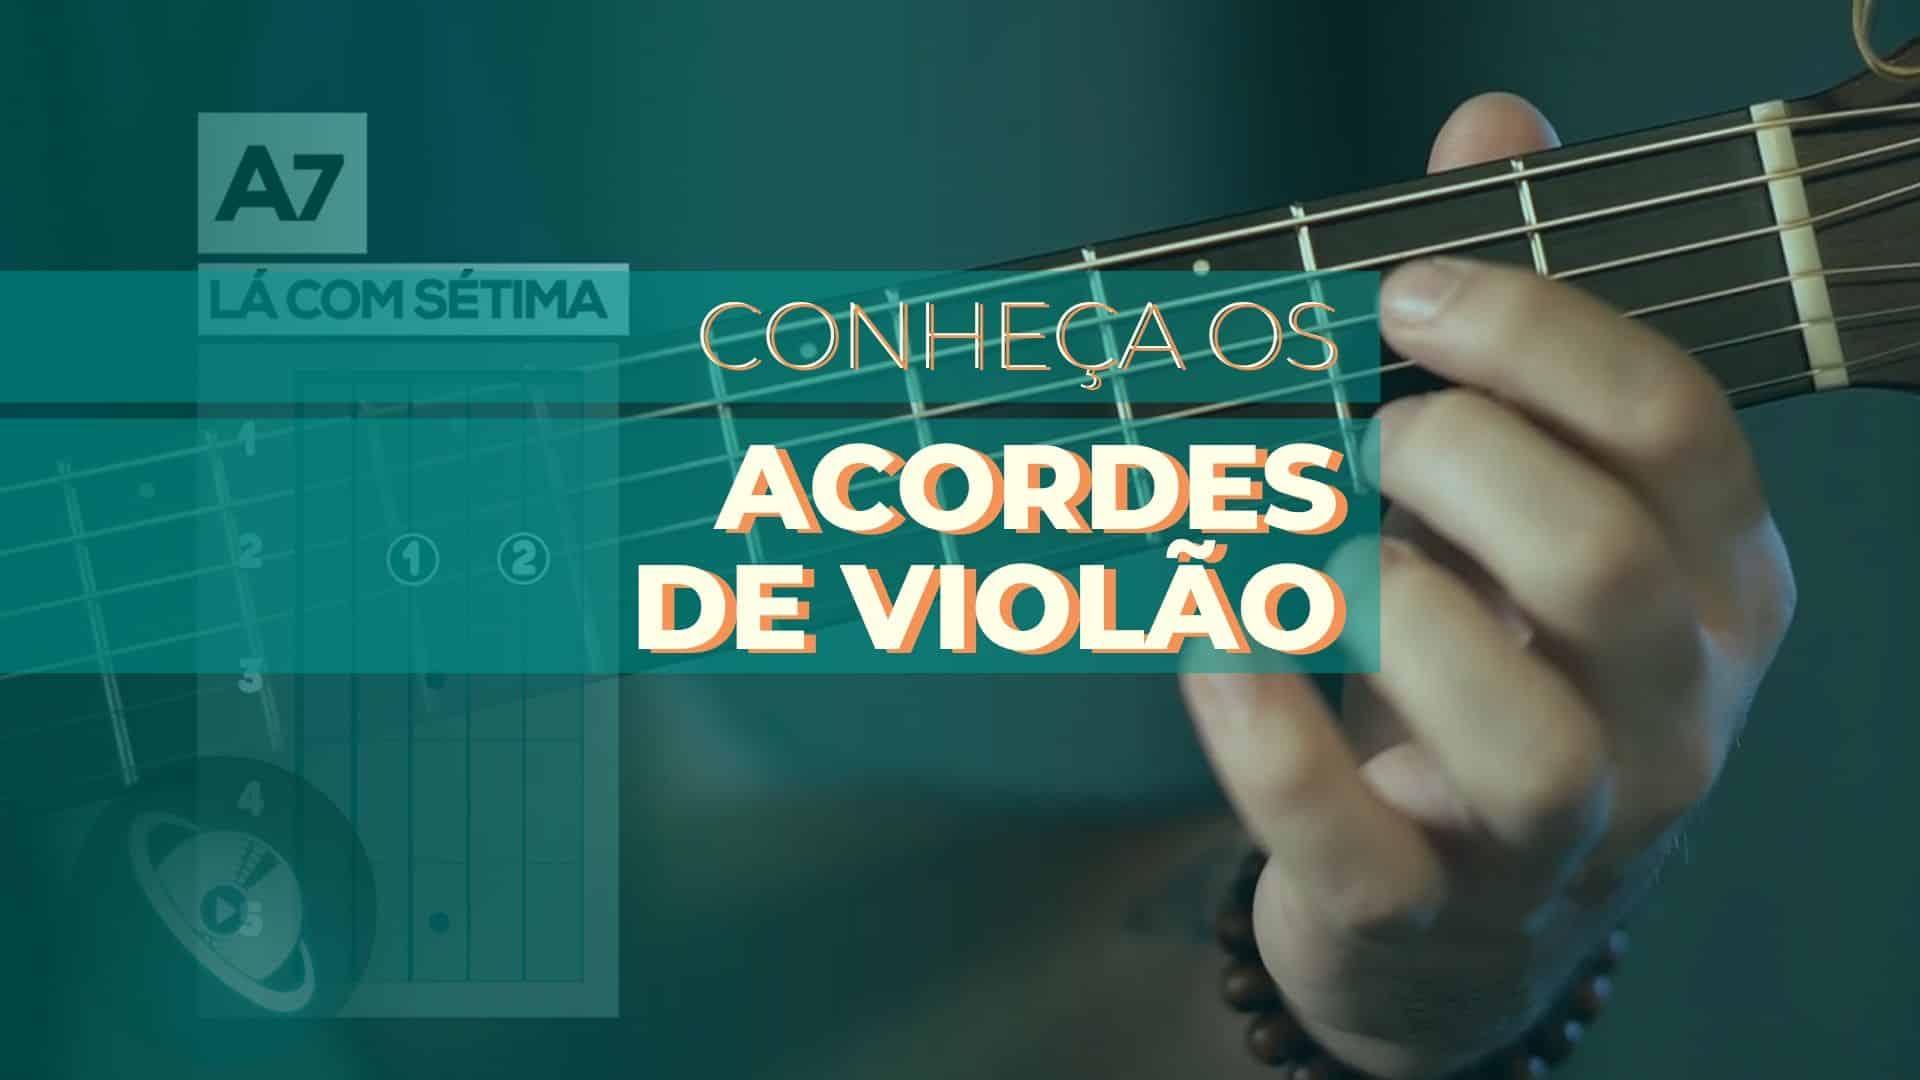 Afinar Violão Saiba Tudo Sobre Como Fazer Blog Planeta Música